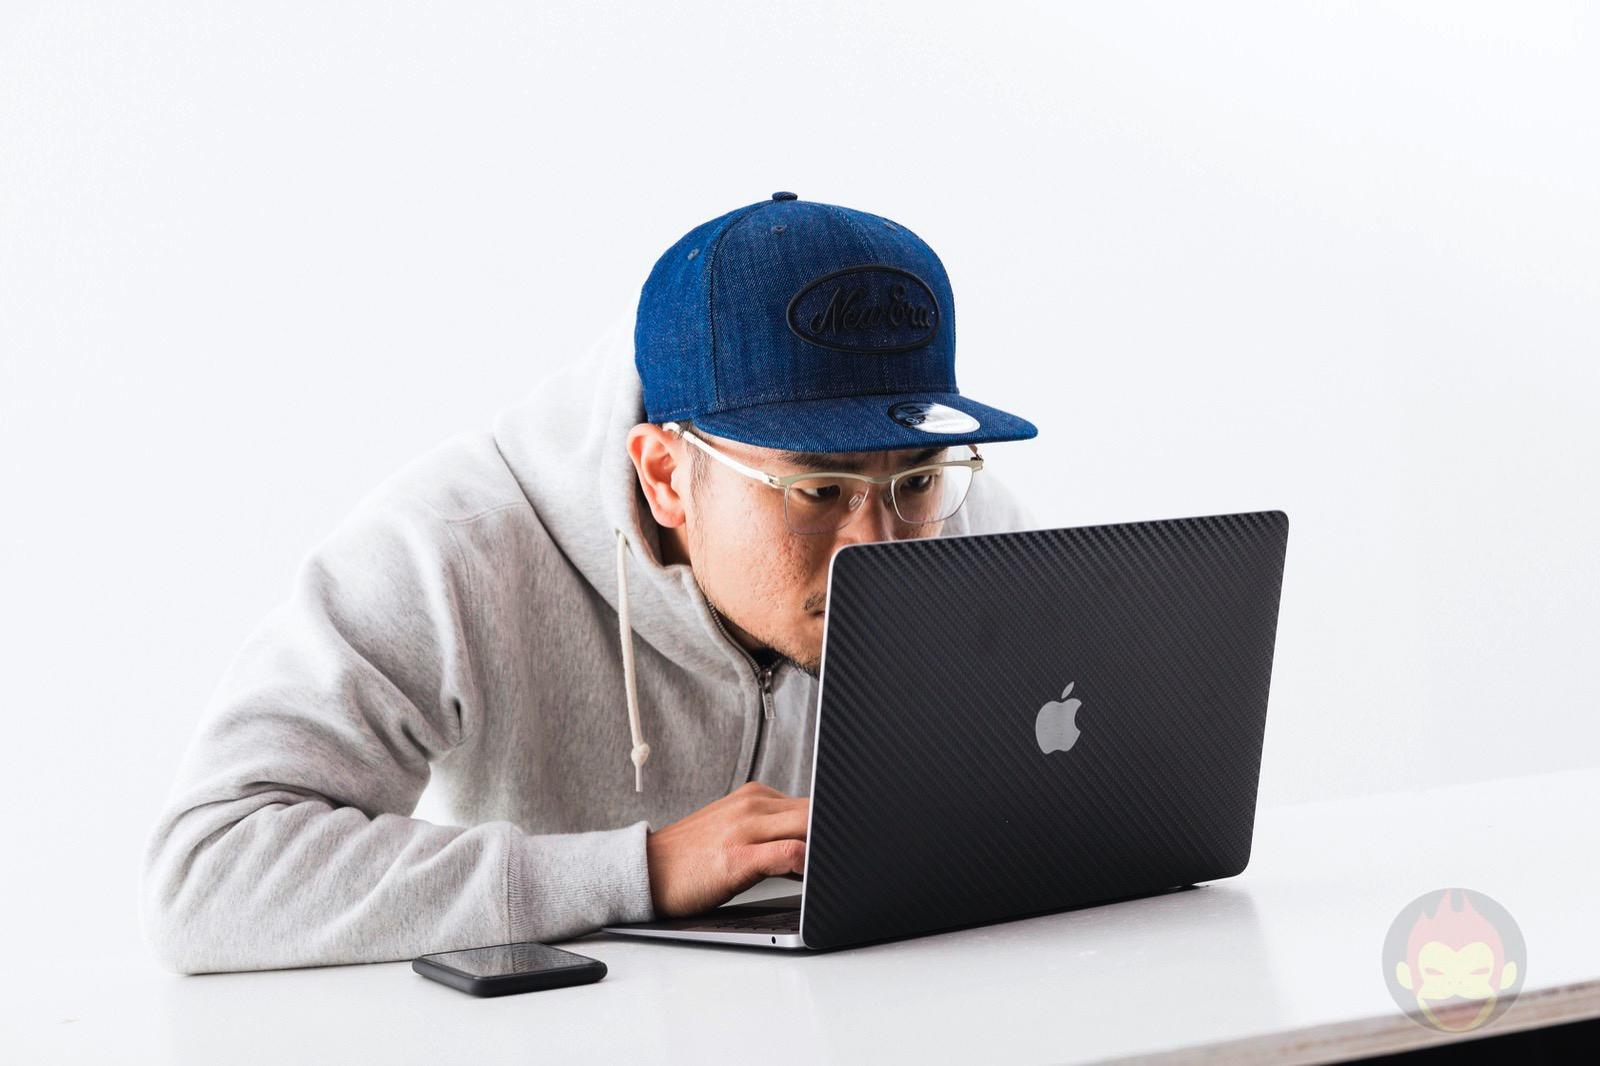 Looking at macbook air display